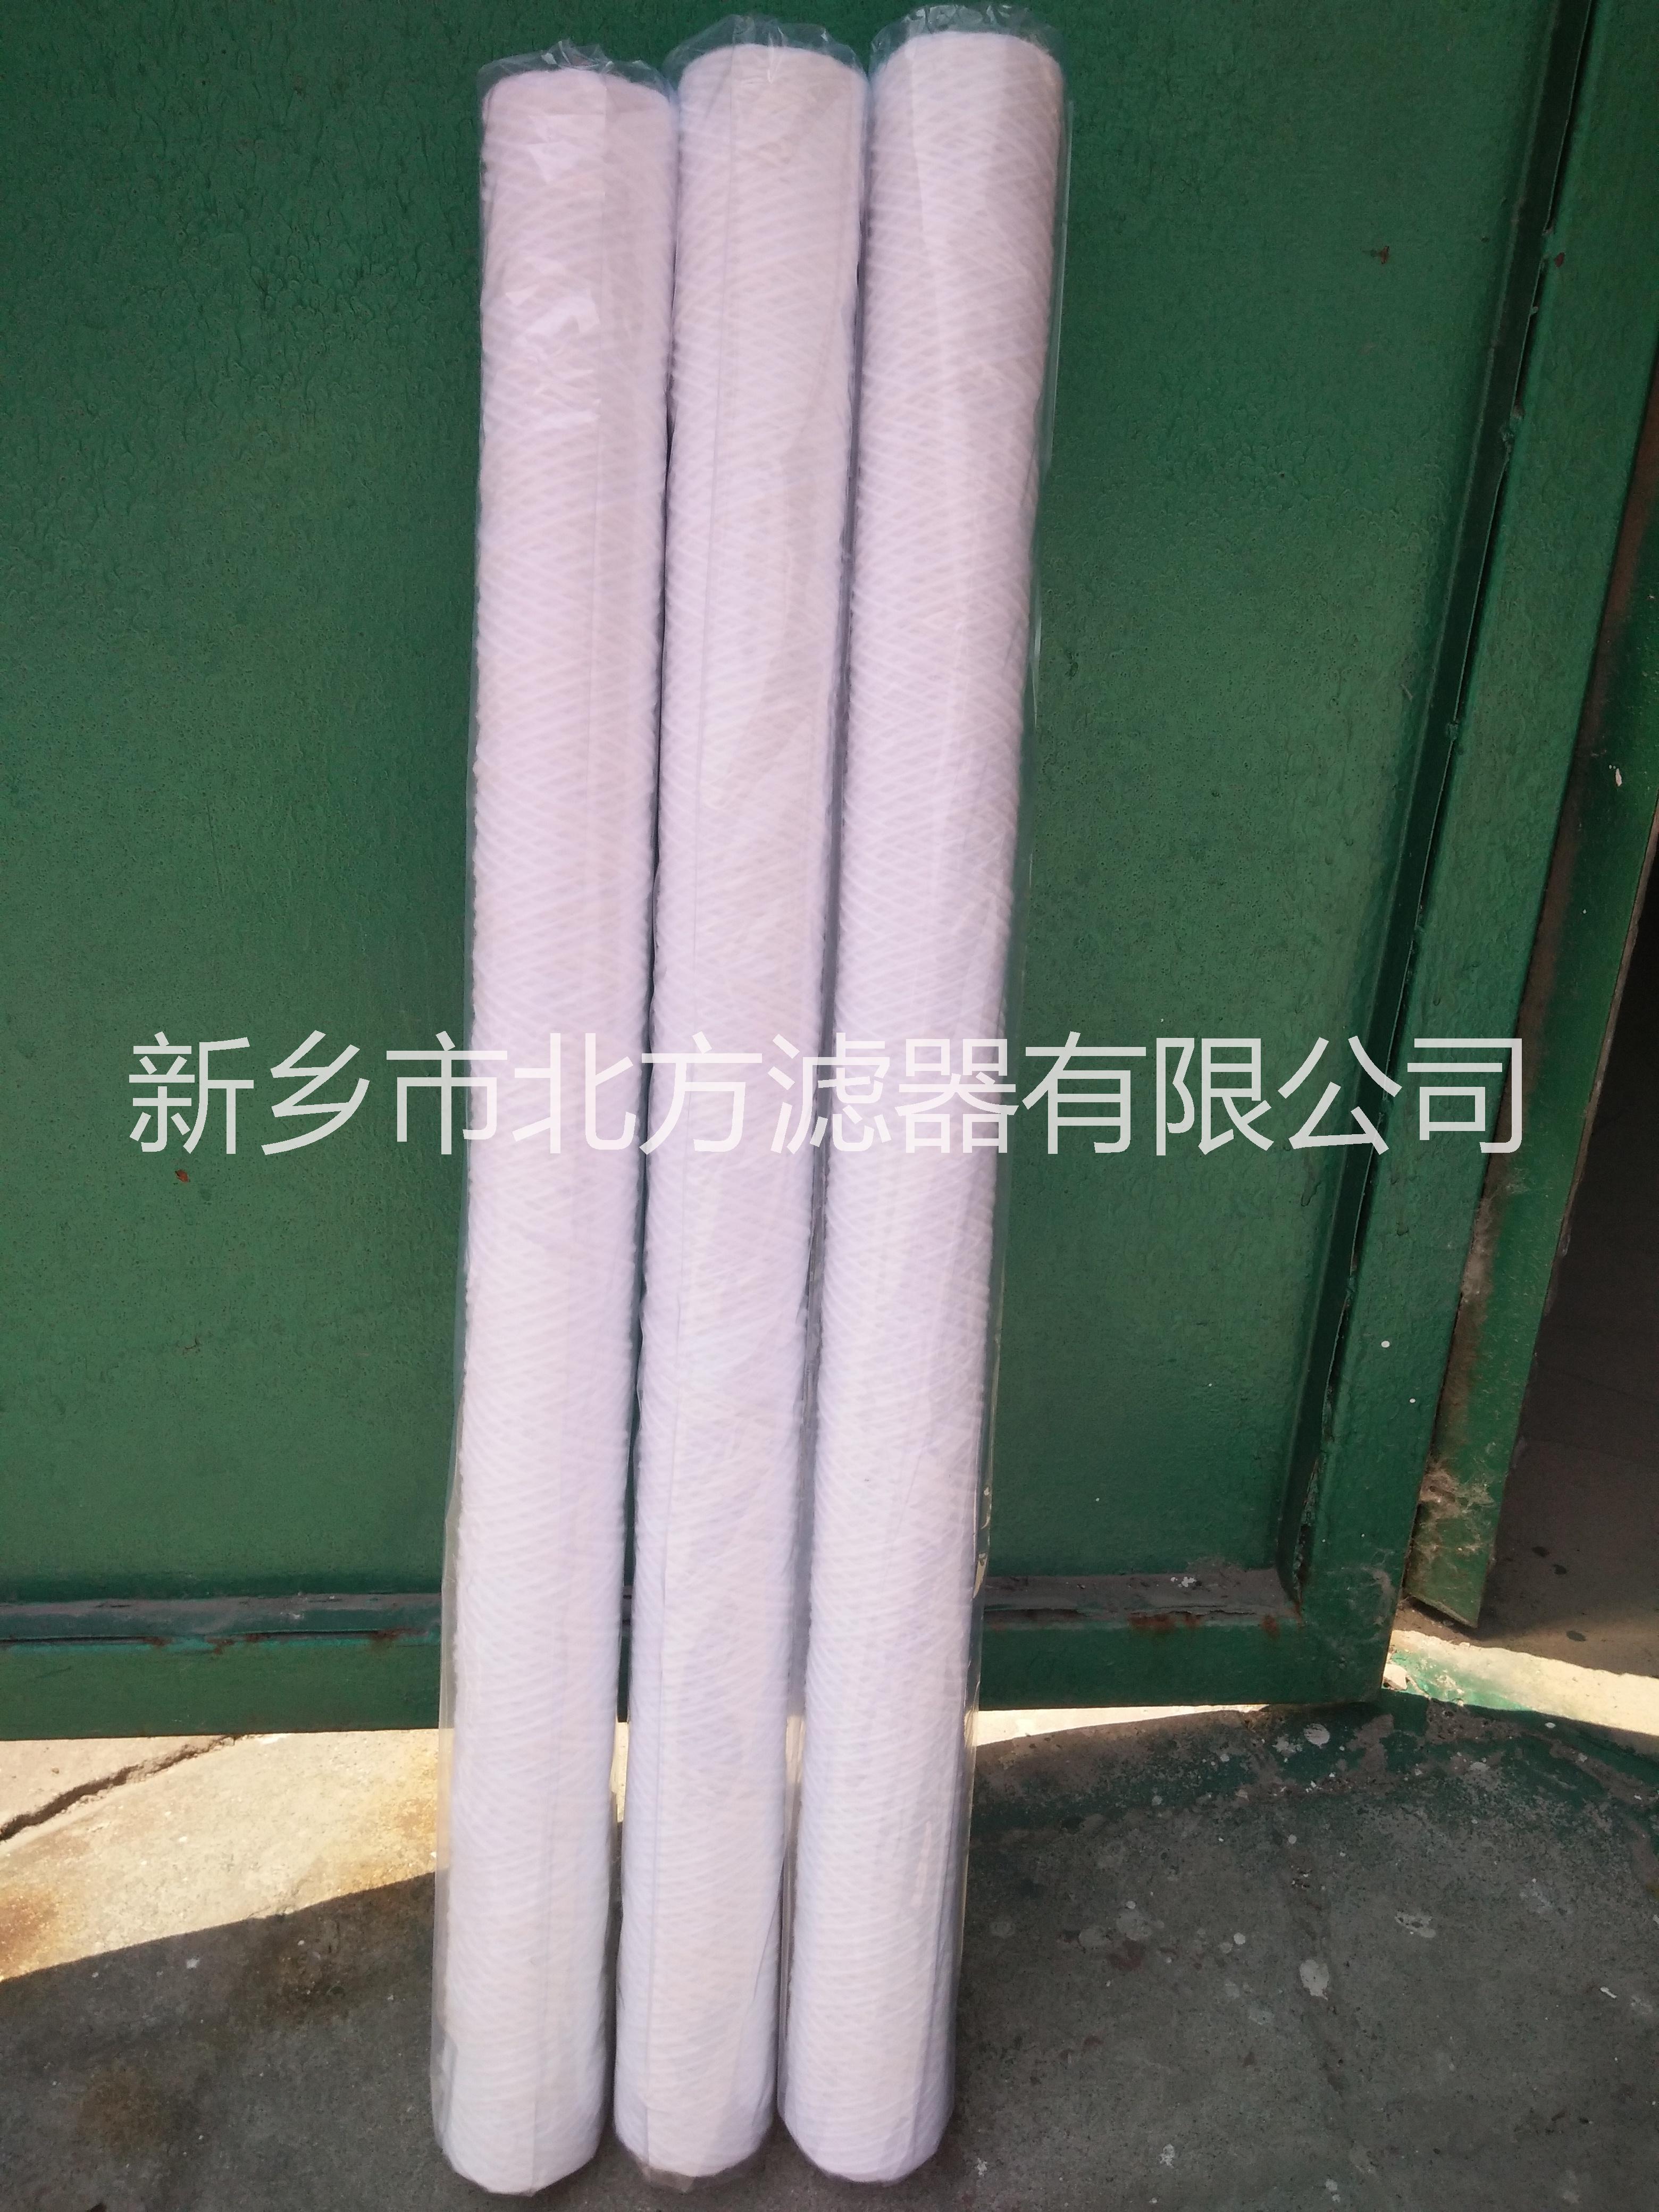 脱脂棉线绕滤芯 不锈钢骨架线绕滤   厂家直销线绕滤芯